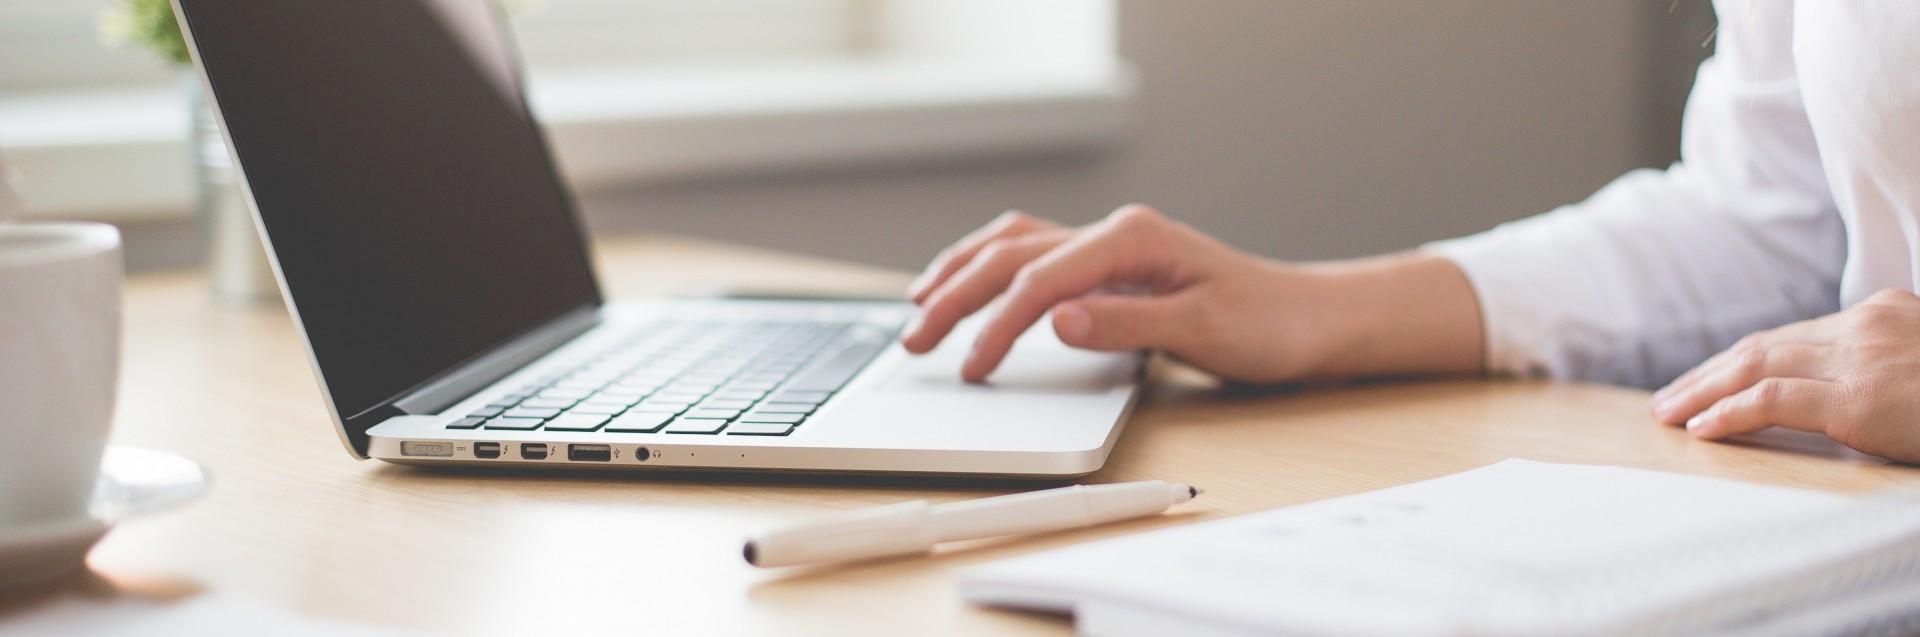 Kvinner arbeider på datamaskin